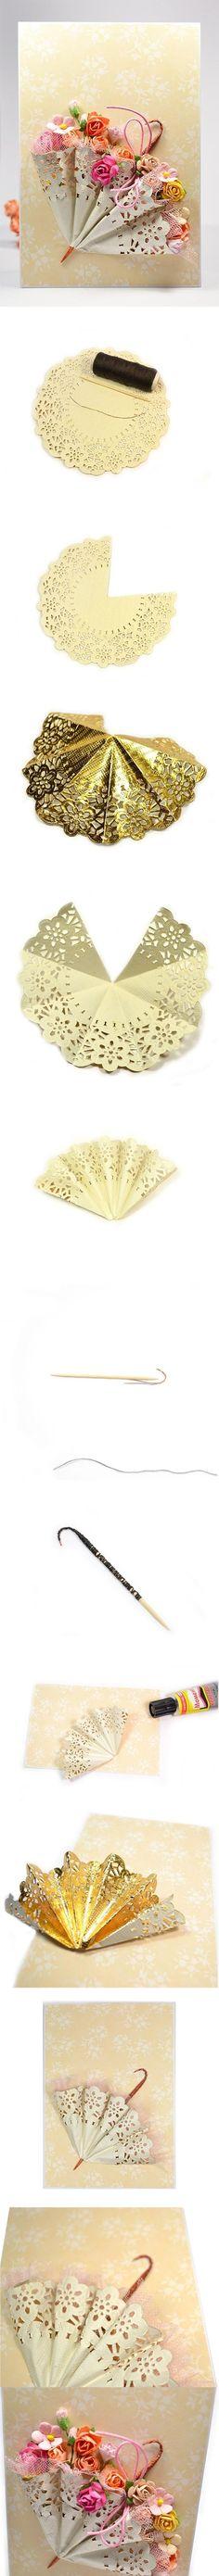 Inspiration pour une ombrelle florale à réaliser en fleurs en tissu et papier. Bouquet de mariée original, création intemporelle